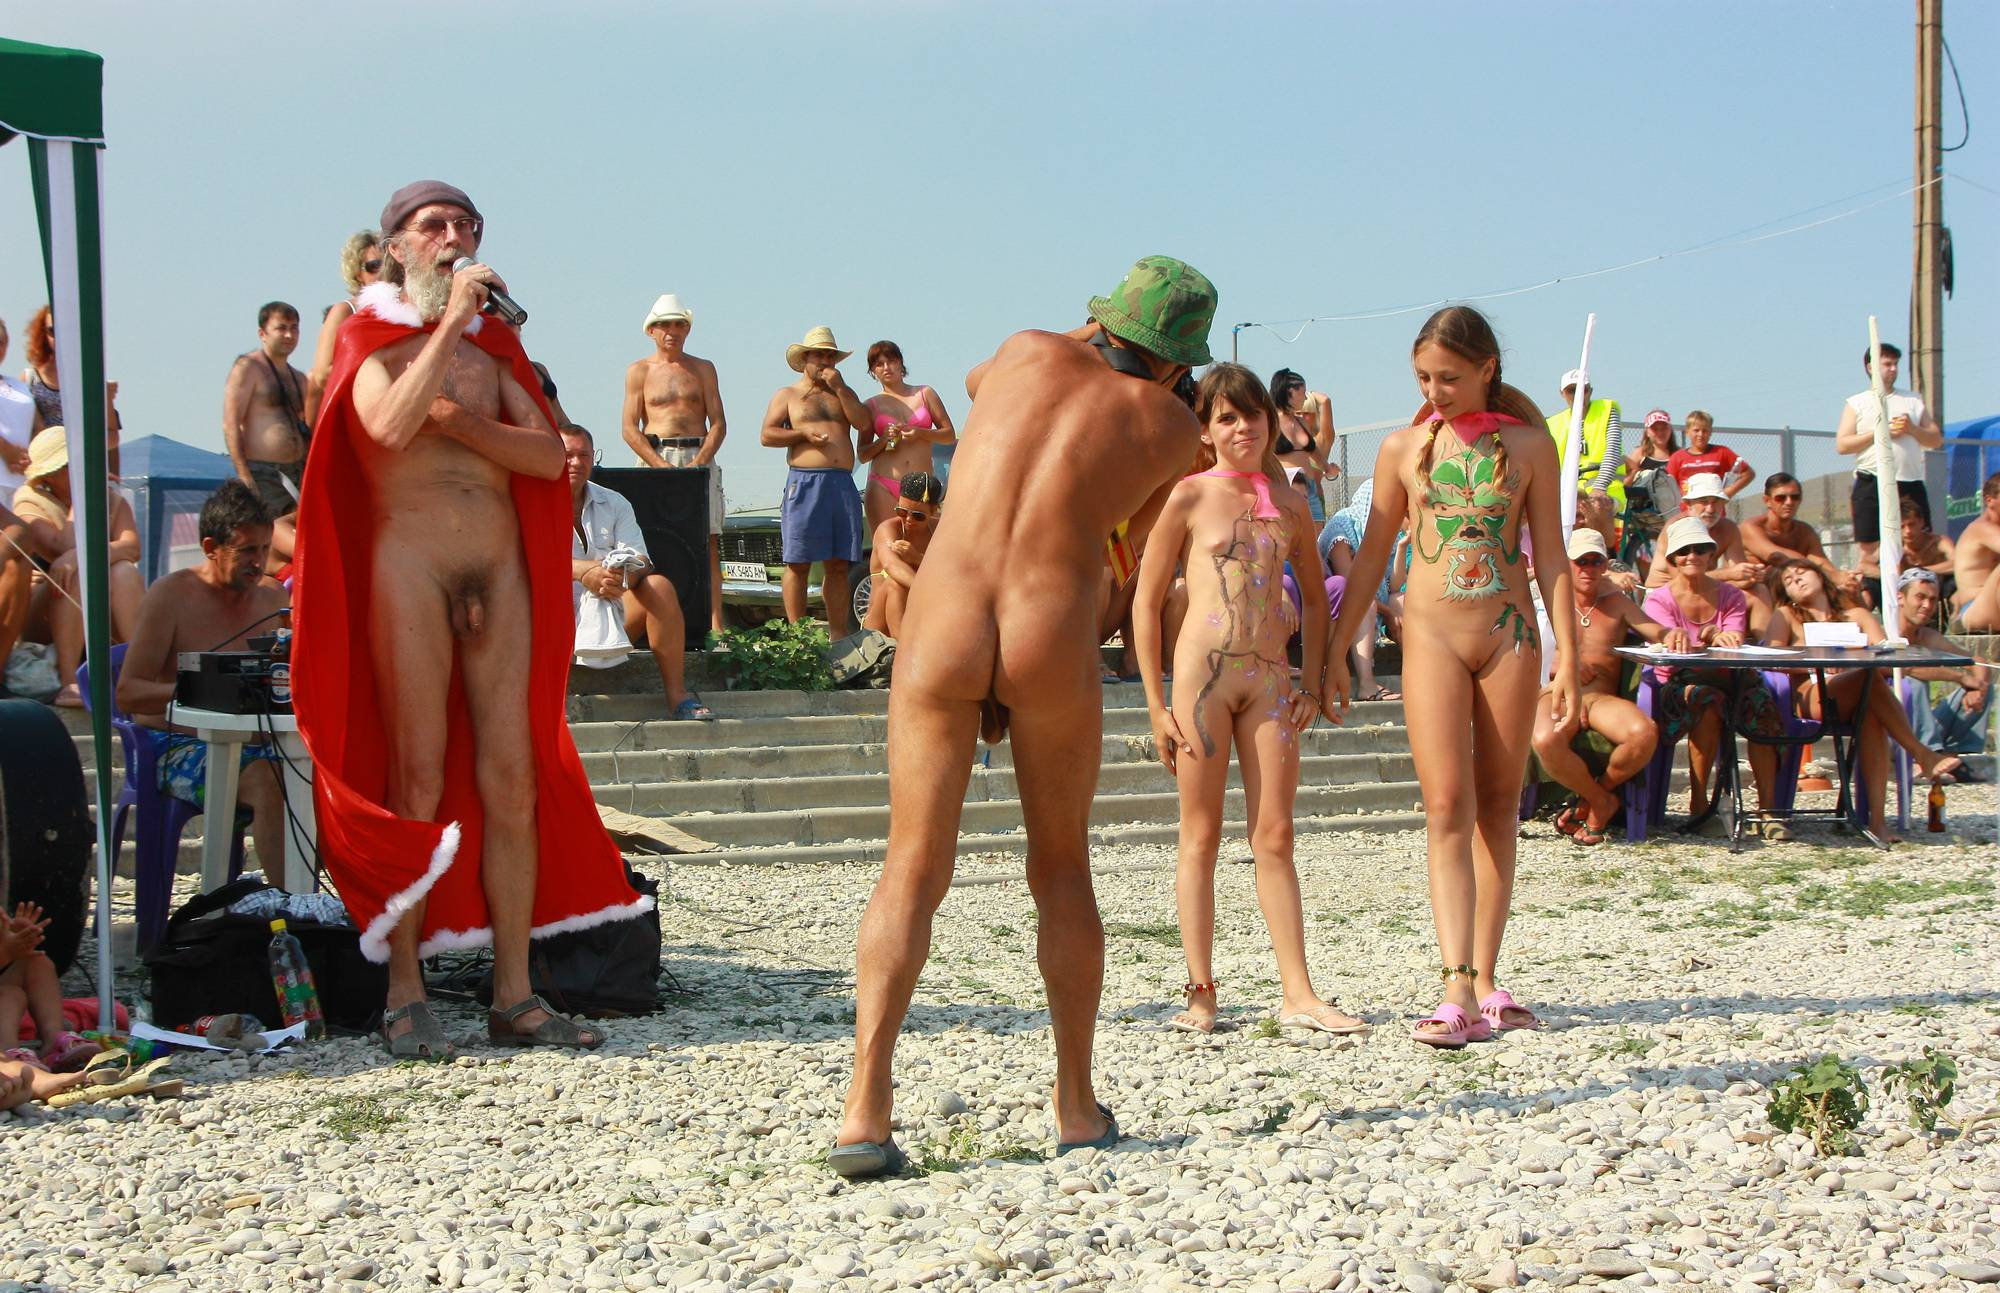 Nudist Pictures Neptune Nudist Event Win - 1